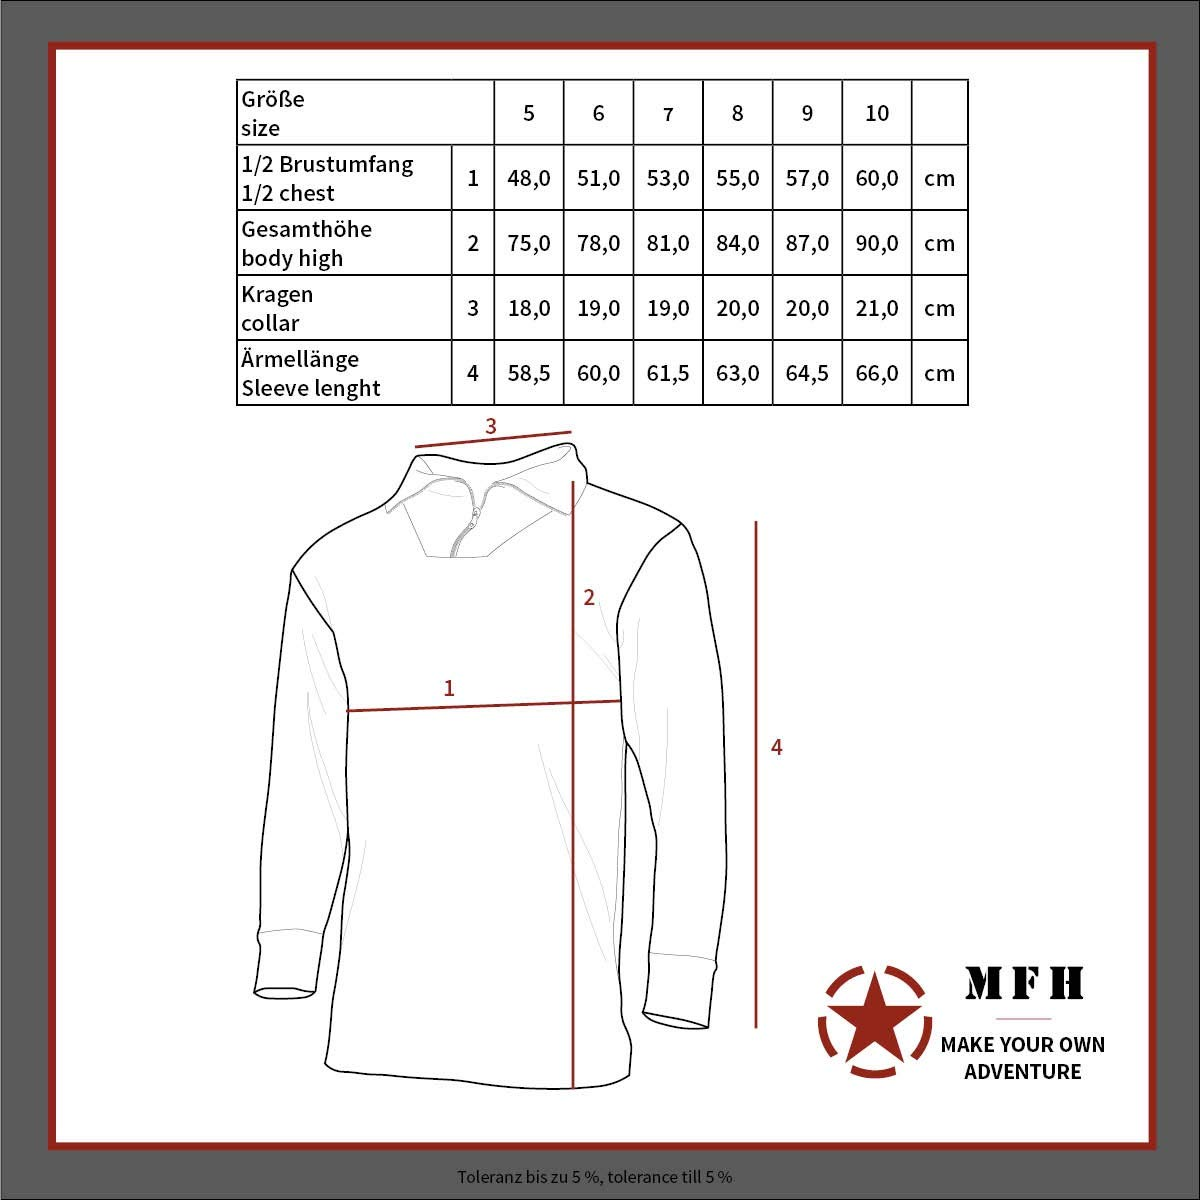 Oliv//5 MFH BW Rollkragenhemd mit Rei/ßverschluss